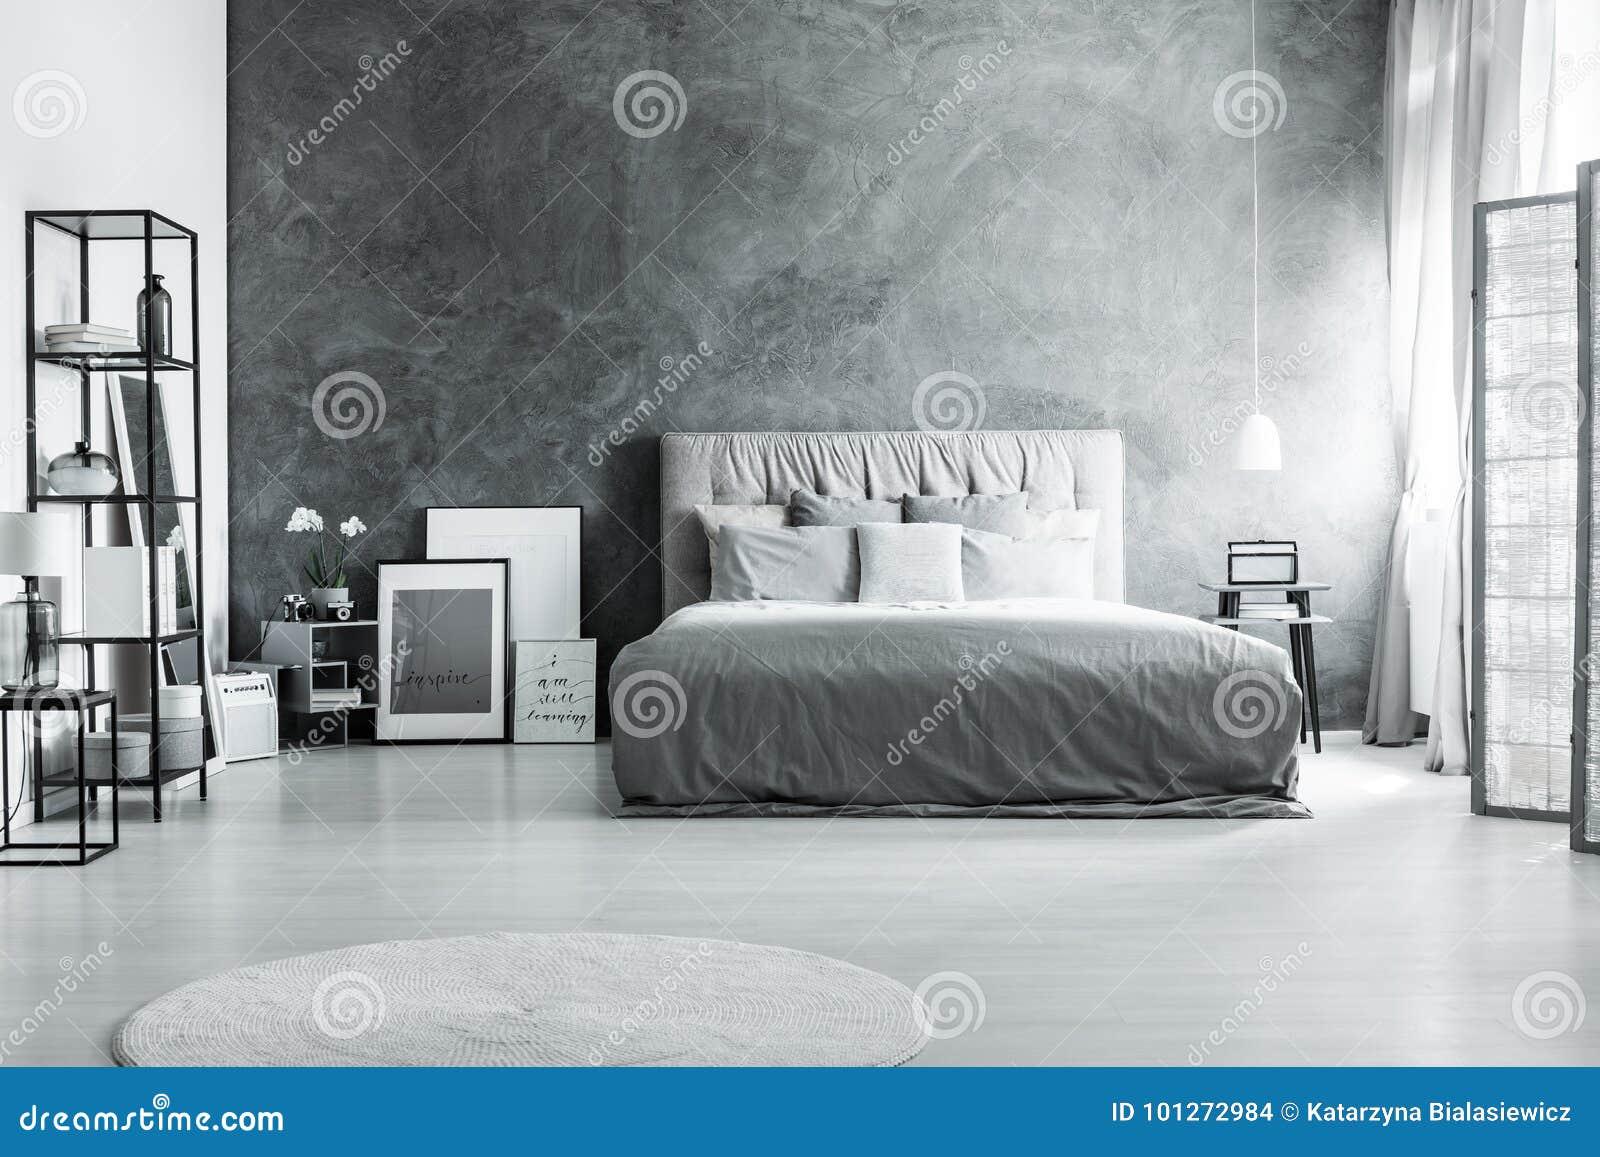 Bett Gegen Dunkle Strukturierte Wand Stockfoto Bild Von Strukturierte Bett 101272984